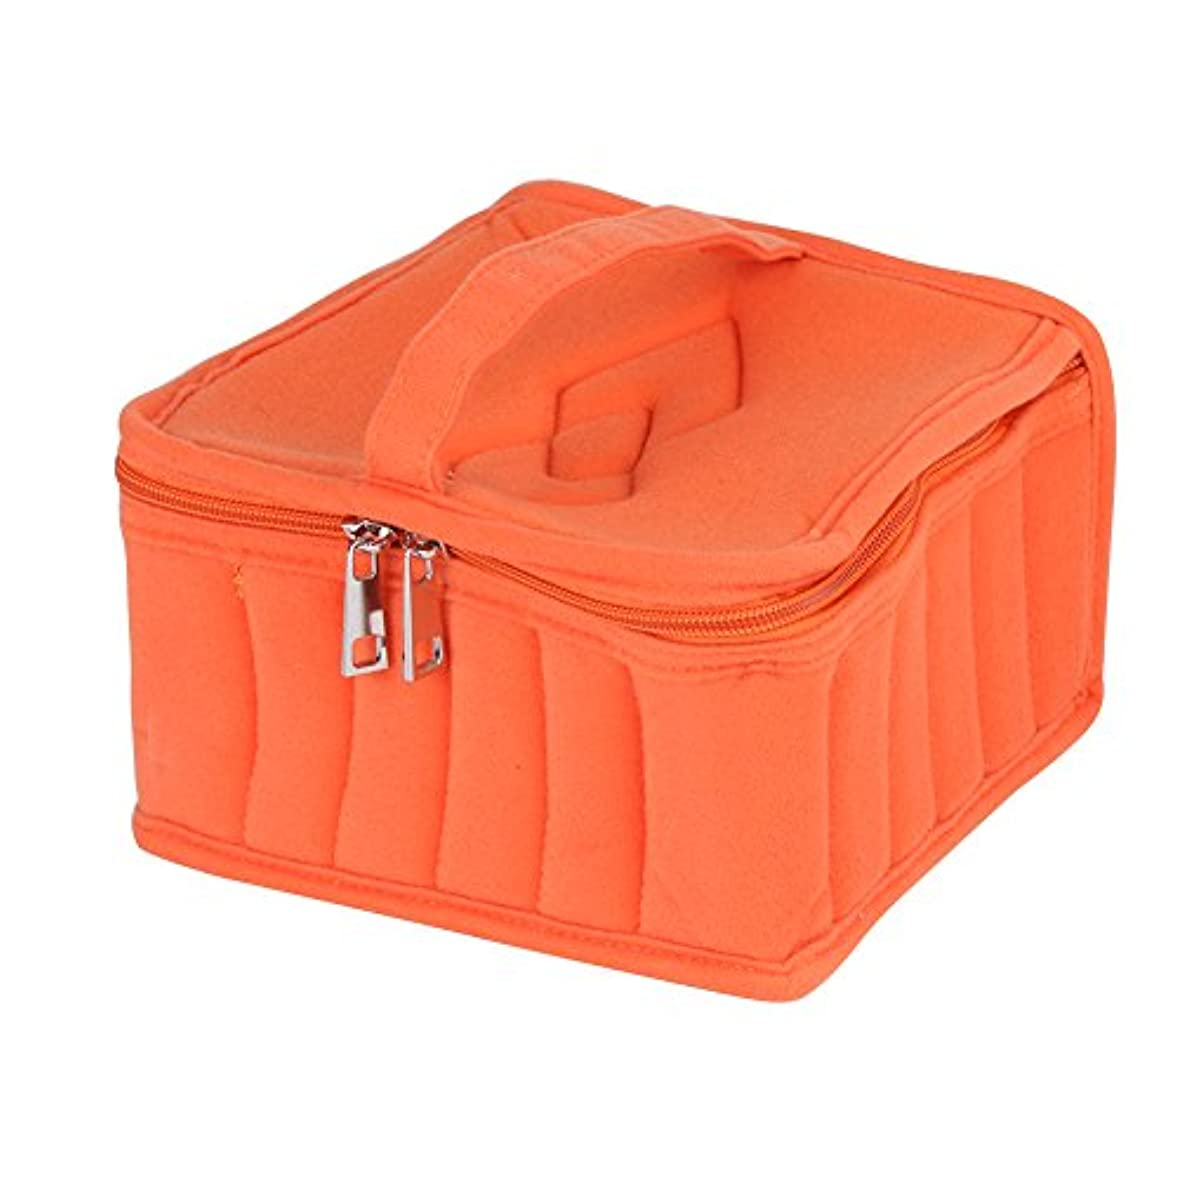 飼いならす熱帯の注文2色5スロット精油ケース旅行オーガナイザー用5ミリリットル/ 10ミリリットル/ 15ミリリットルボトル収納バッグ(オレンジ)